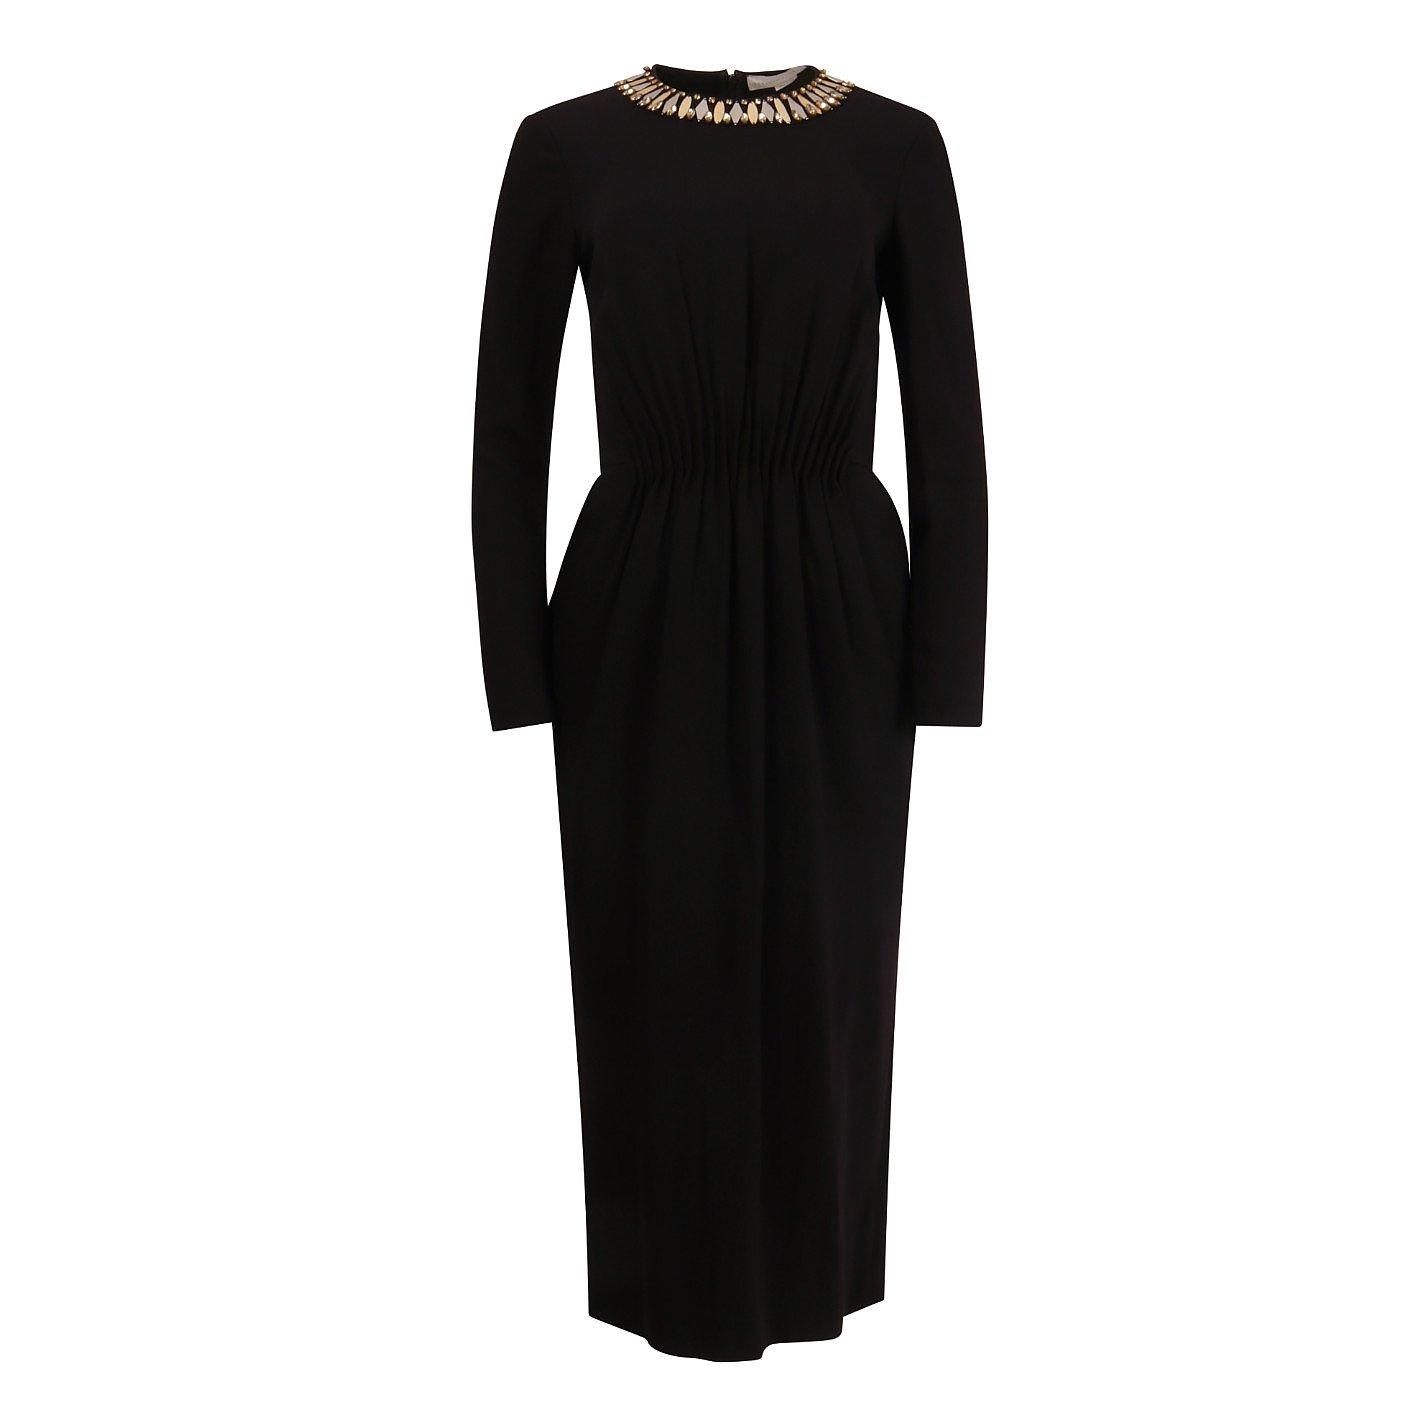 Stella McCartney Ely Embellished Midi Dress